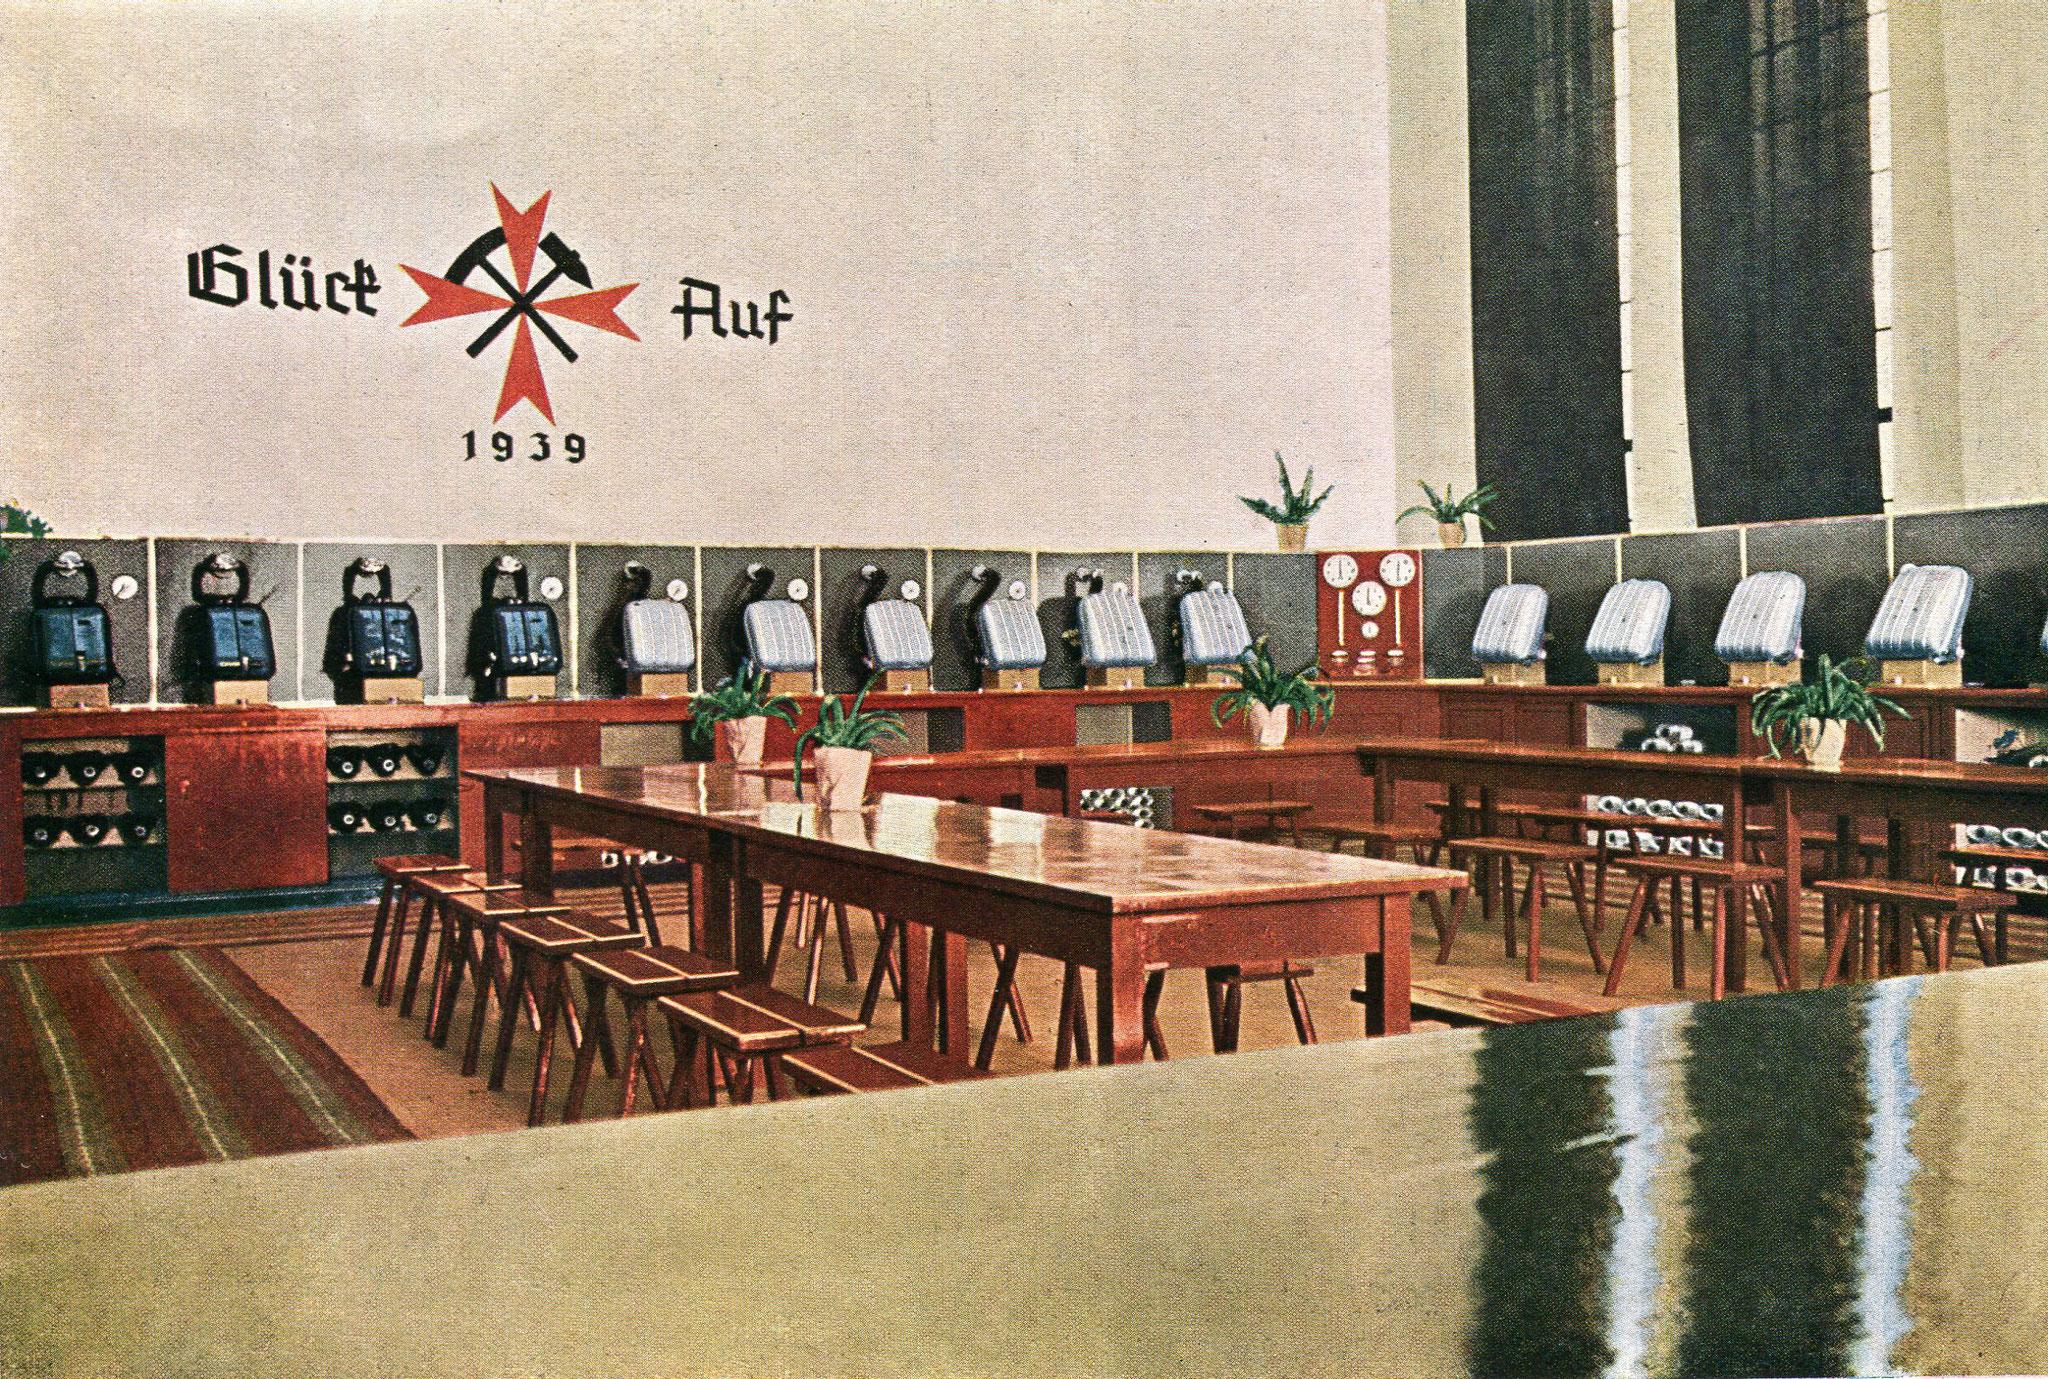 Rettungsstelle Ewald-König Ludwig in Herten auf der Schachtanlage Ewald-Fortsetzung I/III   1939